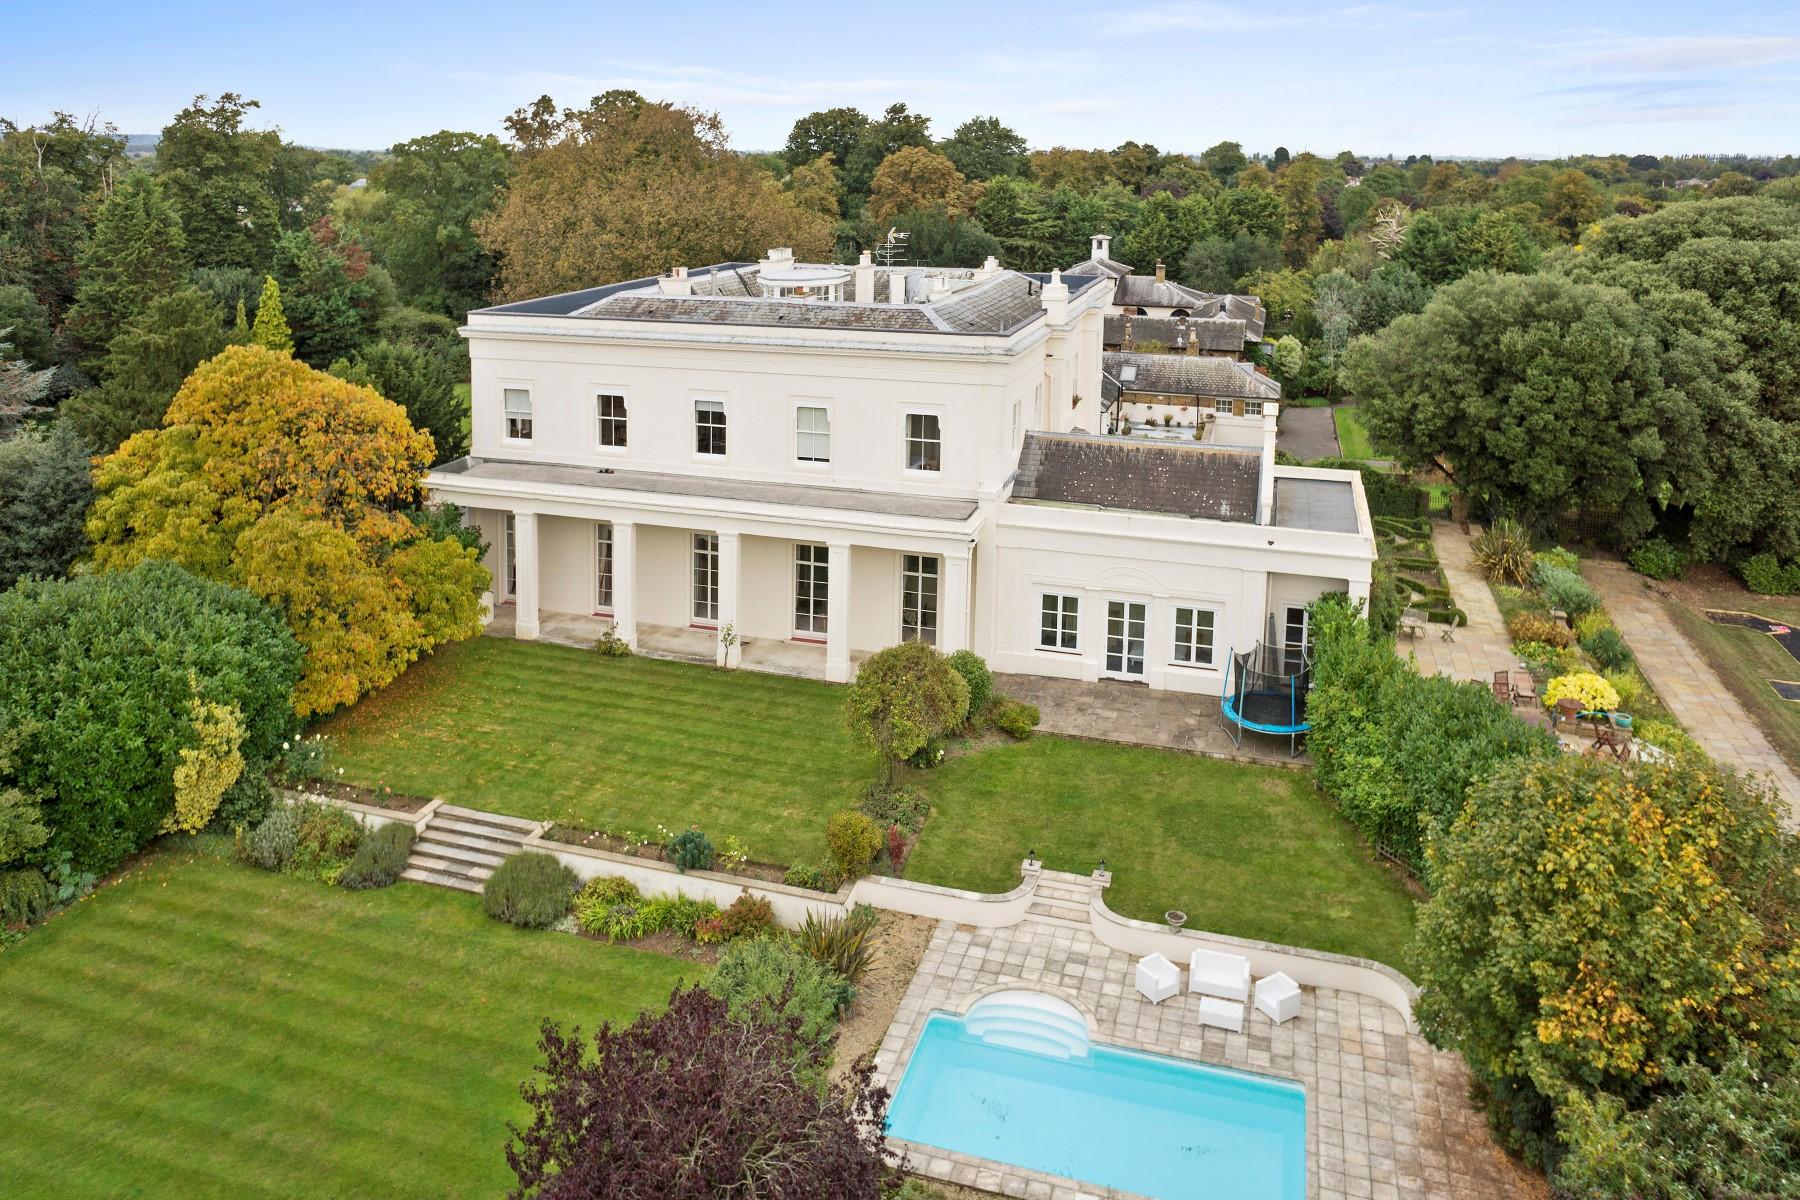 Appartement pour l Vente à Laleham 1 Laleham Abbey Laleham Park Middlesex, Angleterre, TW181SZ Royaume-Uni